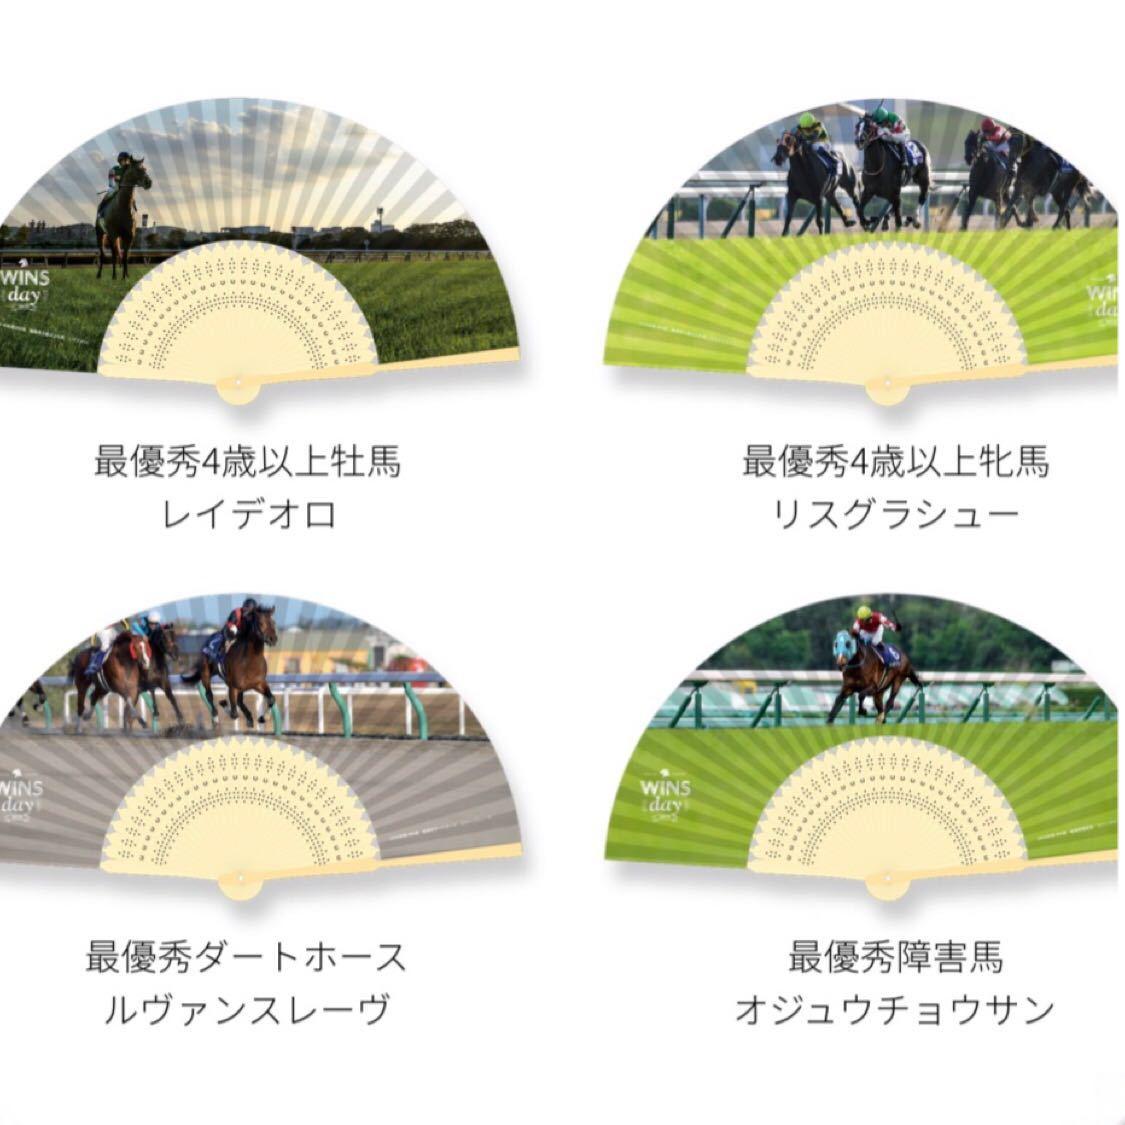 JRAオフィシャル WINS DAY 扇子全種類(8種類)セット アーモンドアイ オジュウチョウサン 競馬_画像3